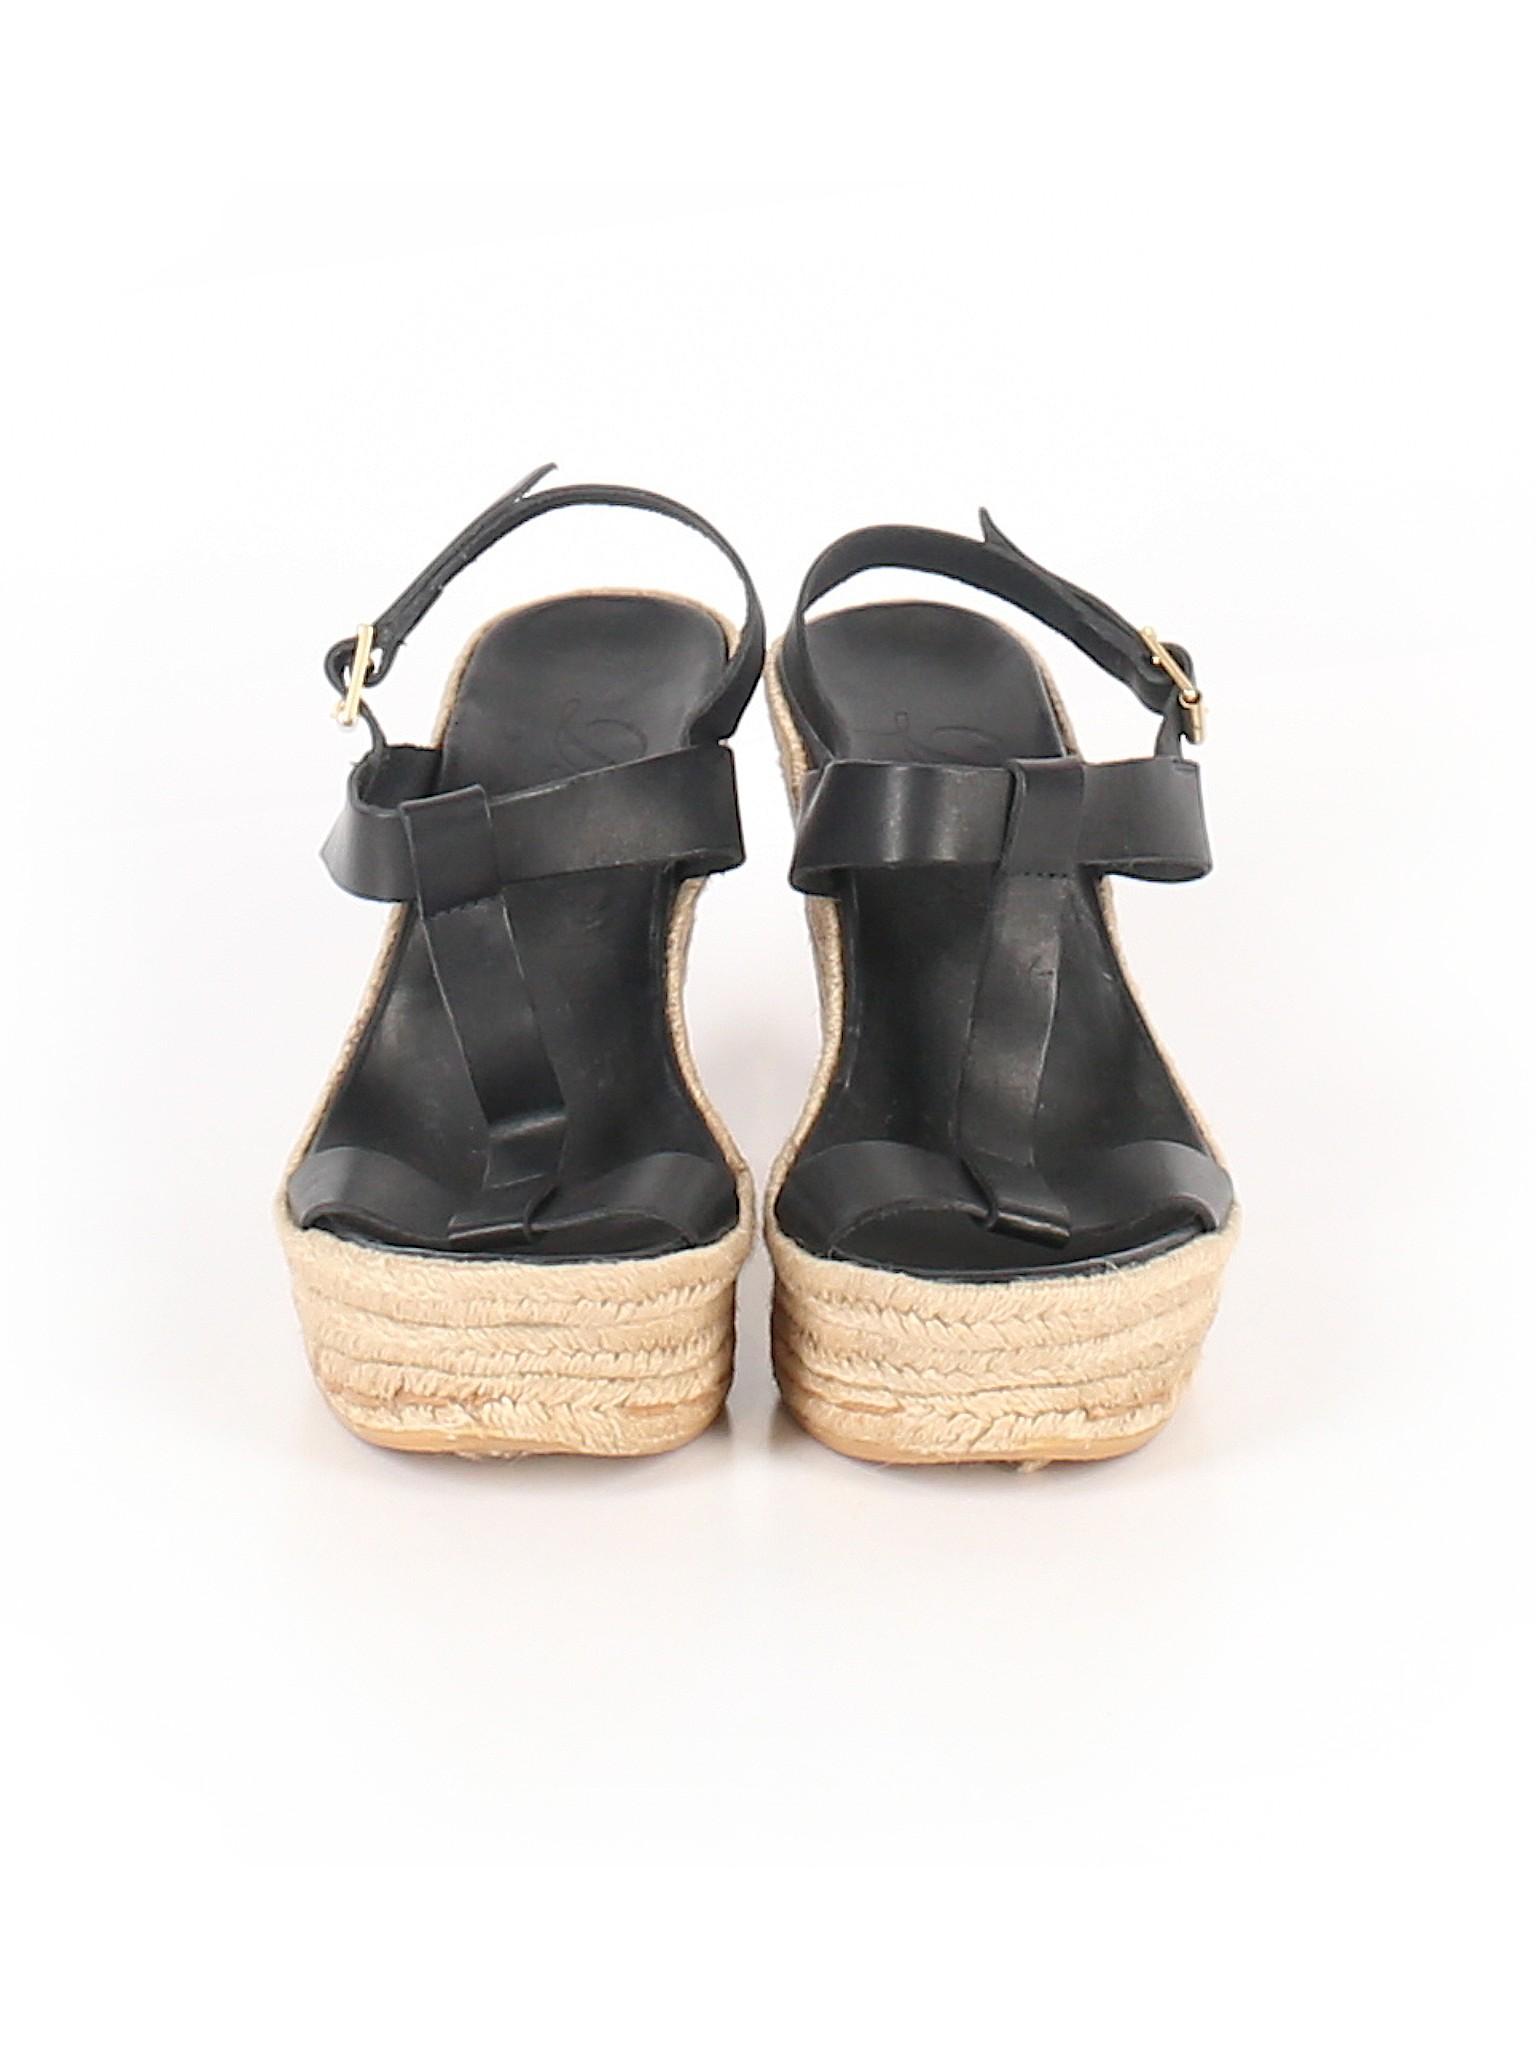 Boutique Wedges Shoes Boutique Delman promotion Shoes Delman promotion 4FtwqSR4